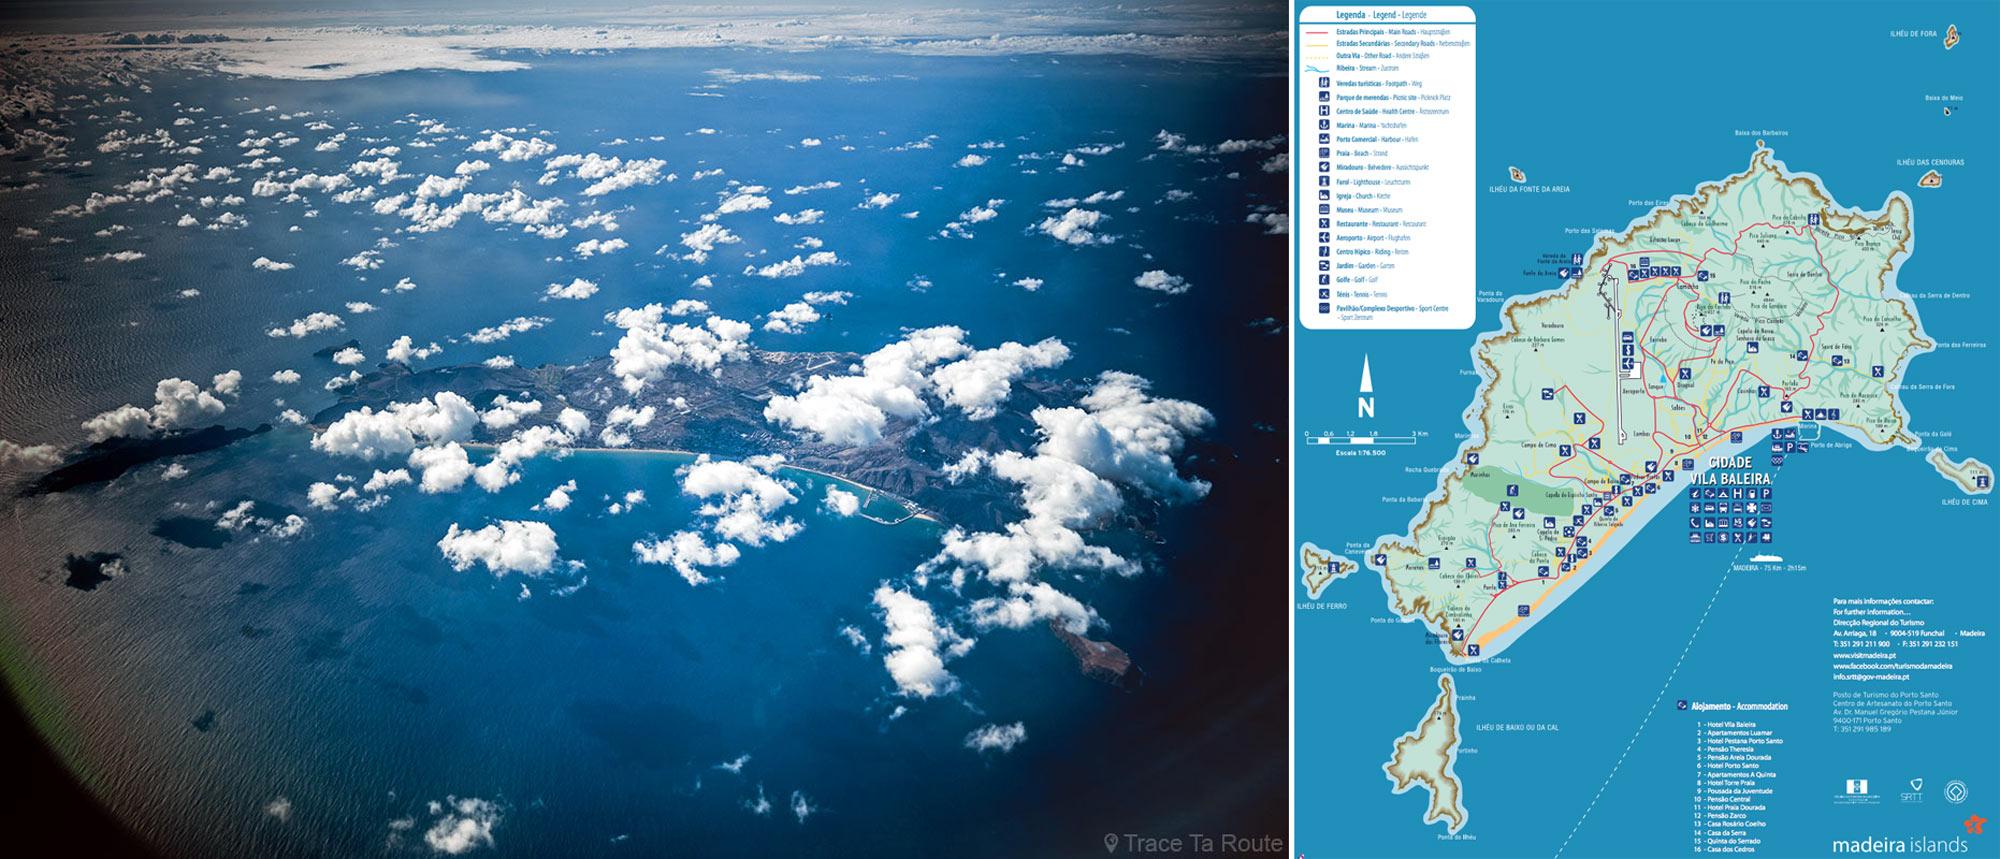 Carte de l'Île de Porto Santo de Madère + vue aérienne depuis l'avion au-dessus de l'Océan Atlantique - Map Madeira Islands